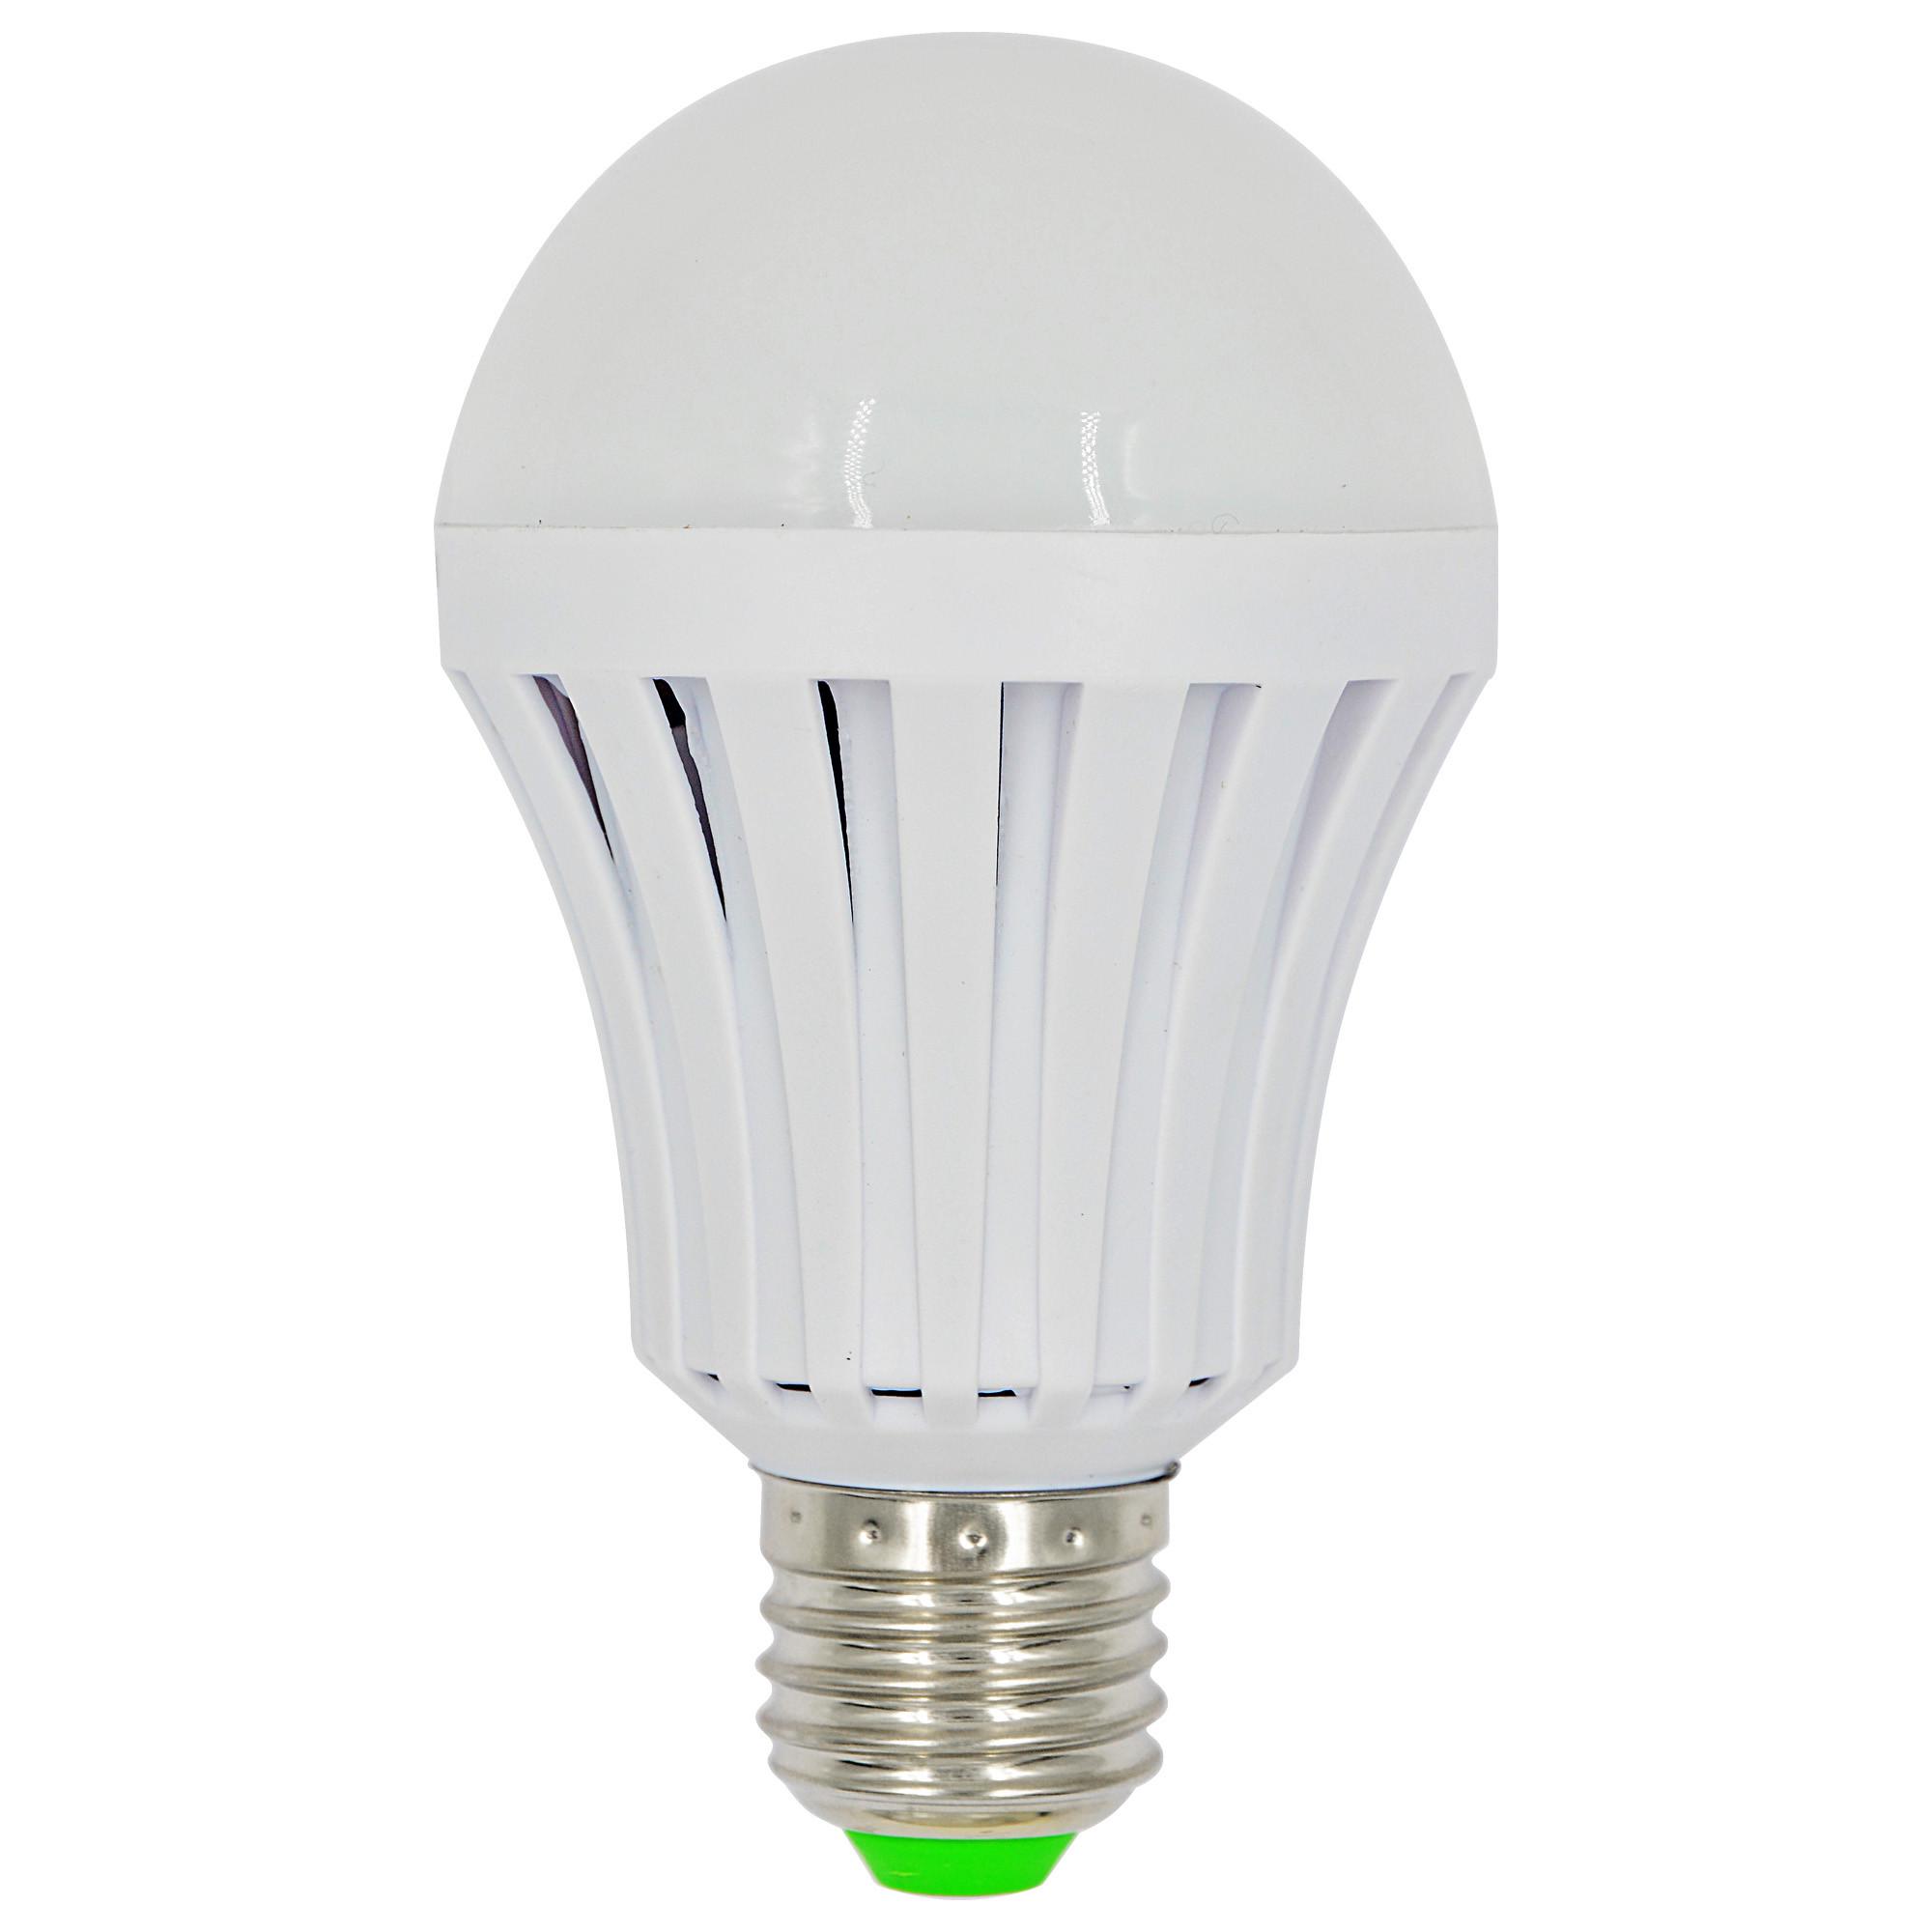 MENGS® Anti-Strobe E27 7W LED Emergency Light 14x 5730 SMD LED Lamp Bulb AC 85-265V In Warm White Energy-saving Light